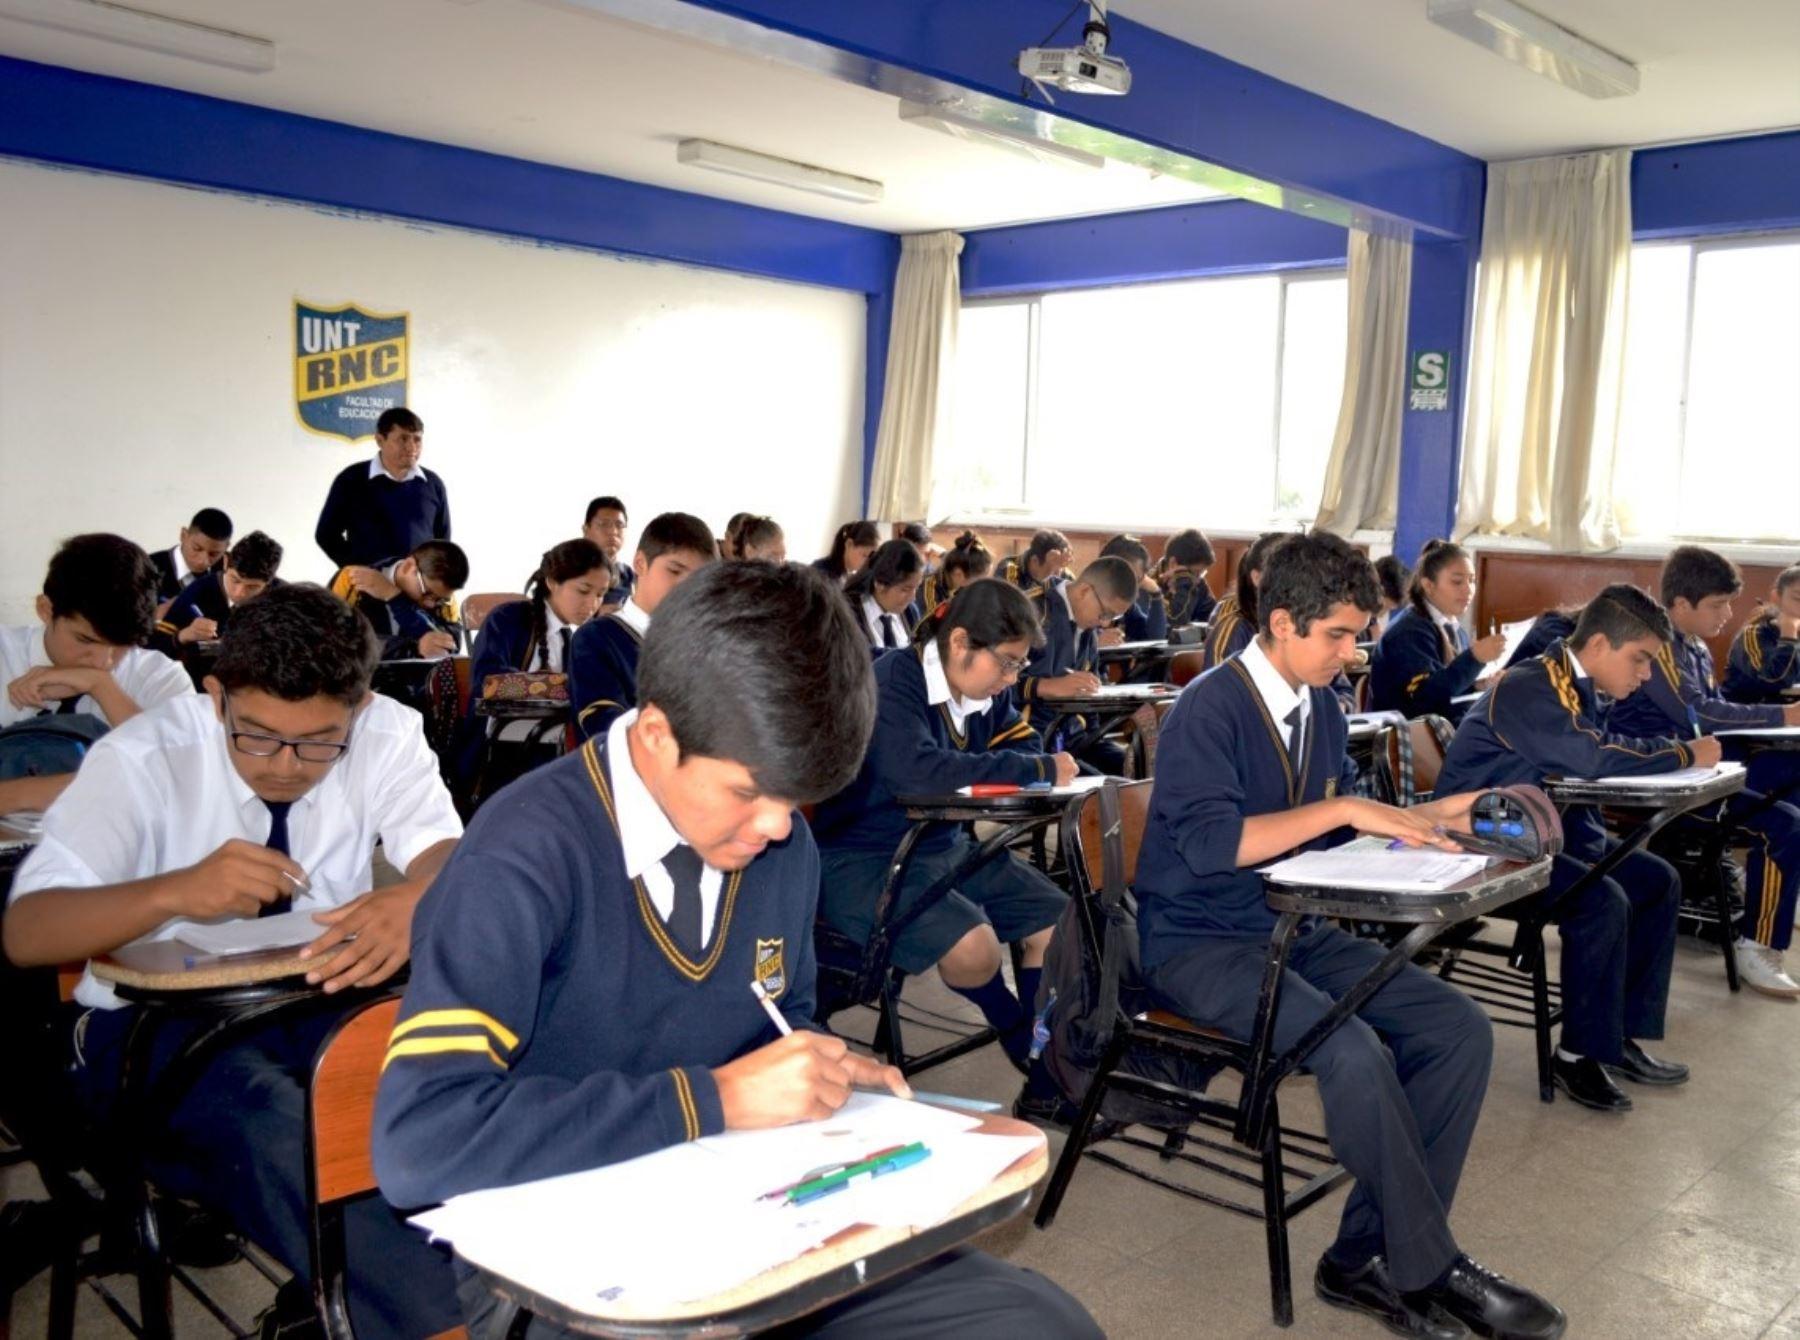 ¡Atención escolares! La Universidad Nacional de Trujillo convoca a concurso de matemáticas